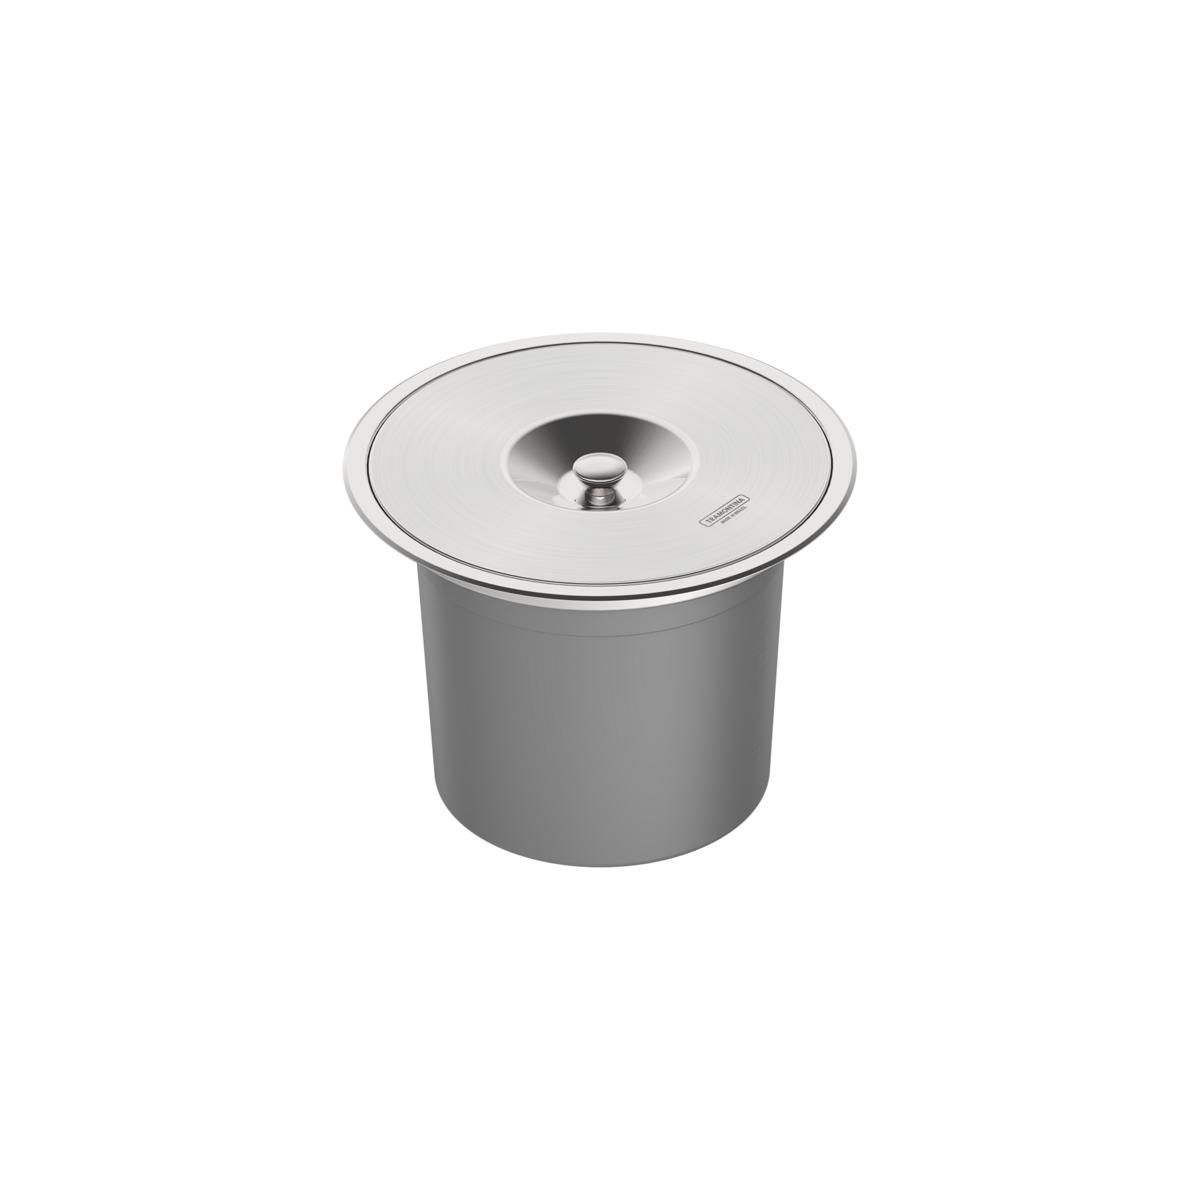 Lixeira de embutir Tramontina Clean Round em Aço Inox com Balde Plástico 94518000 8 L